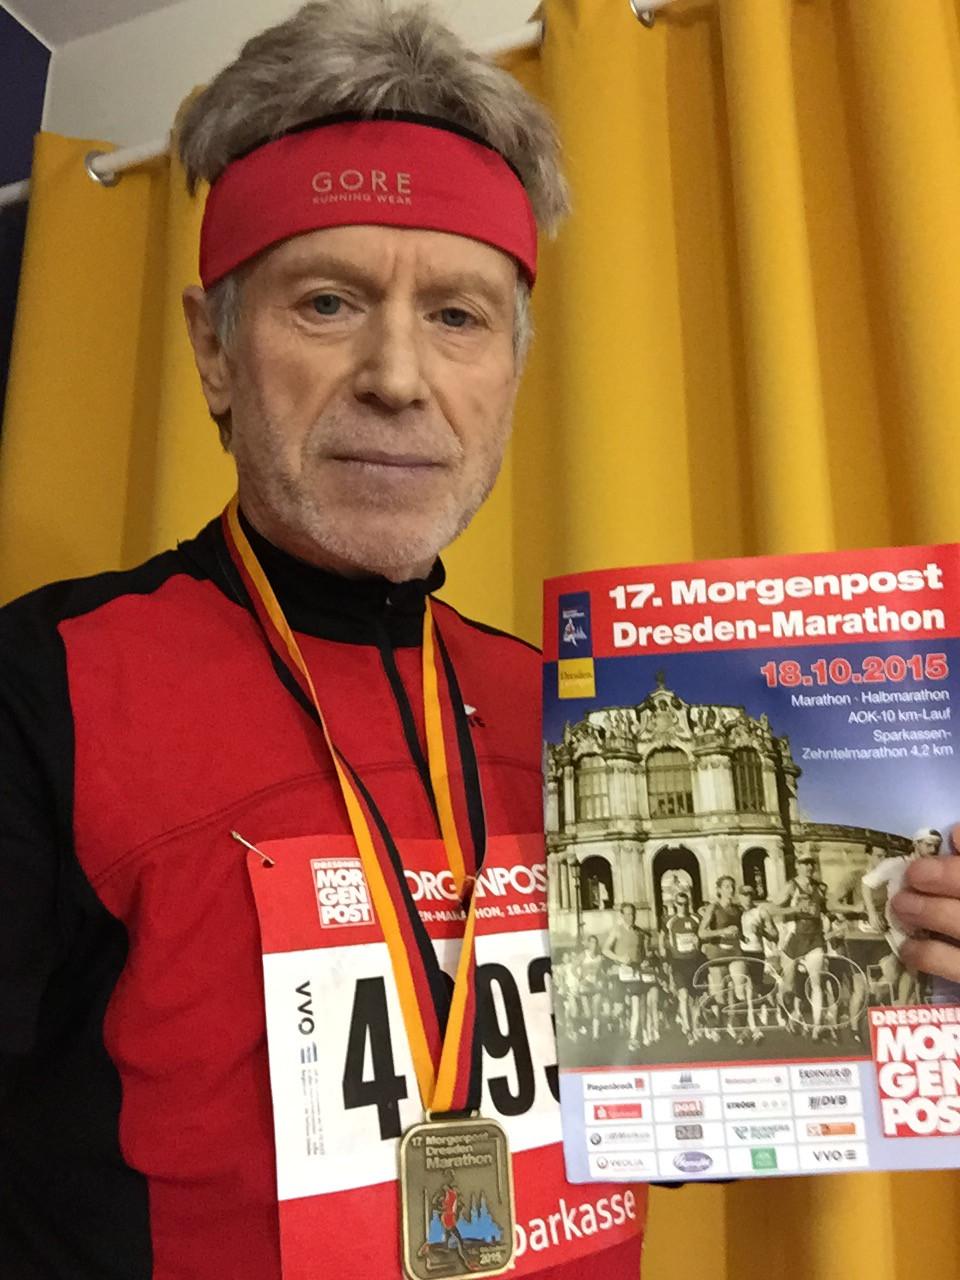 Laufinstinkt+ Marathon, gesundheitsorientiert gelaufen C